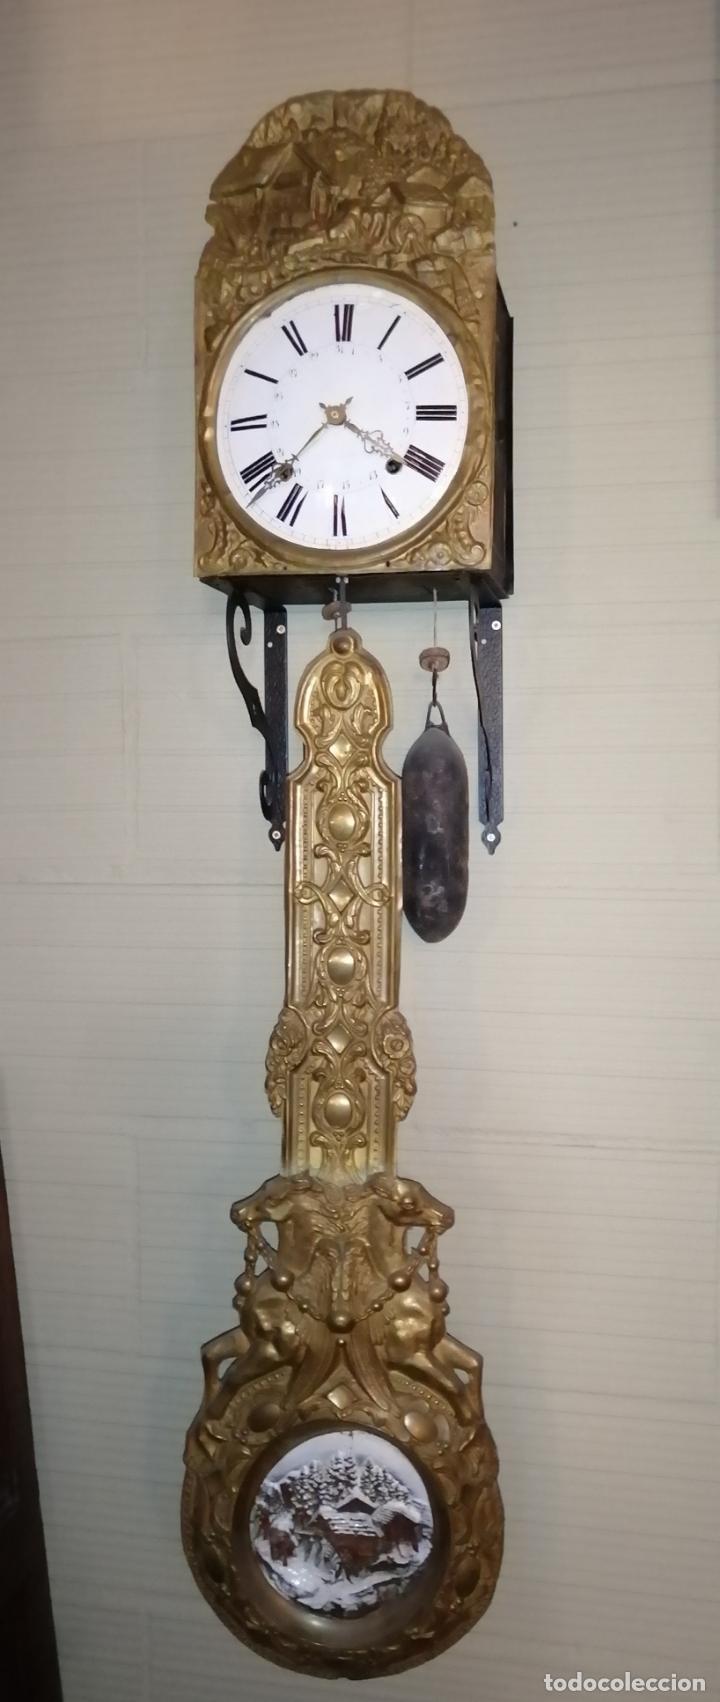 Relojes de pie: RELOJ PENDULO REAL POLICROMADO - Foto 7 - 192745982